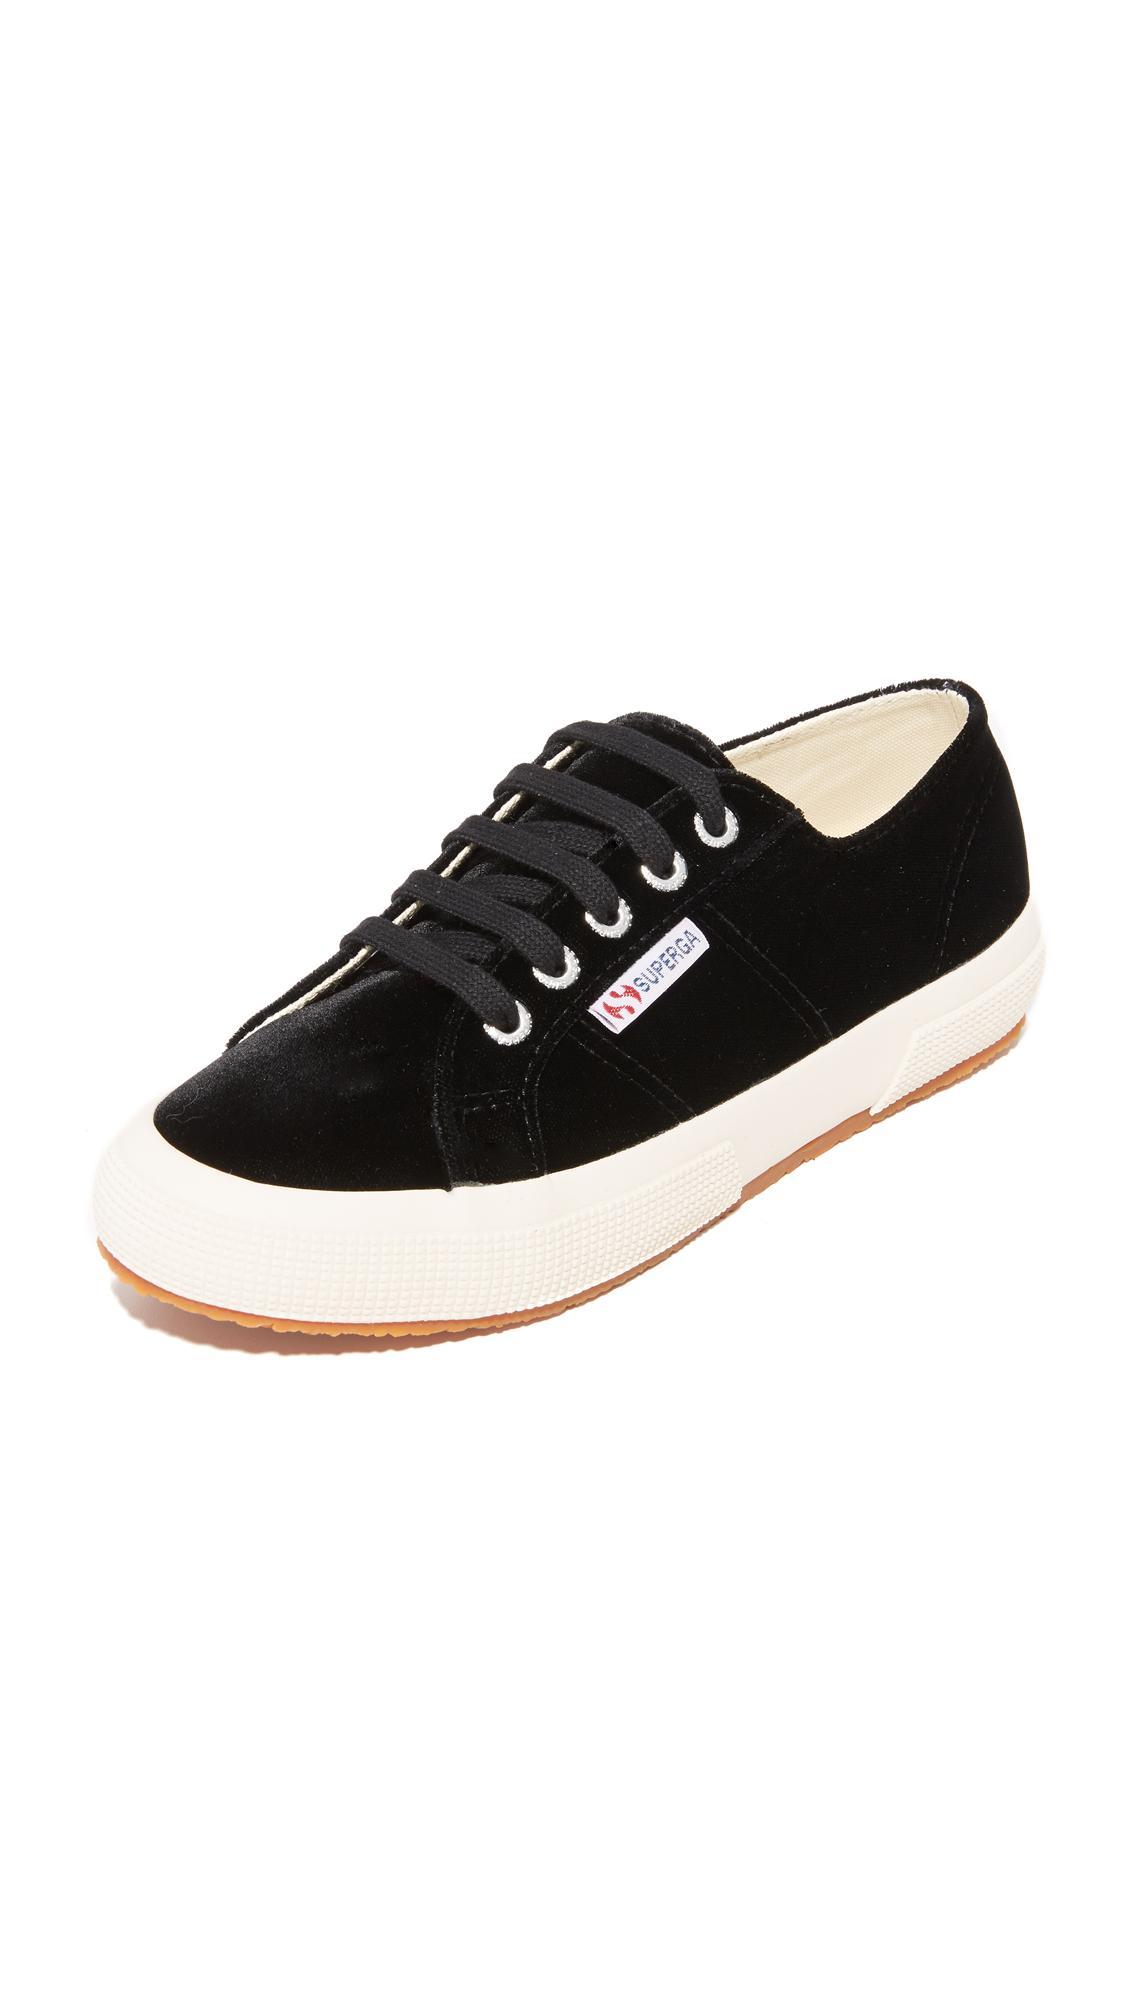 Rachel Comey Shoes Run Small